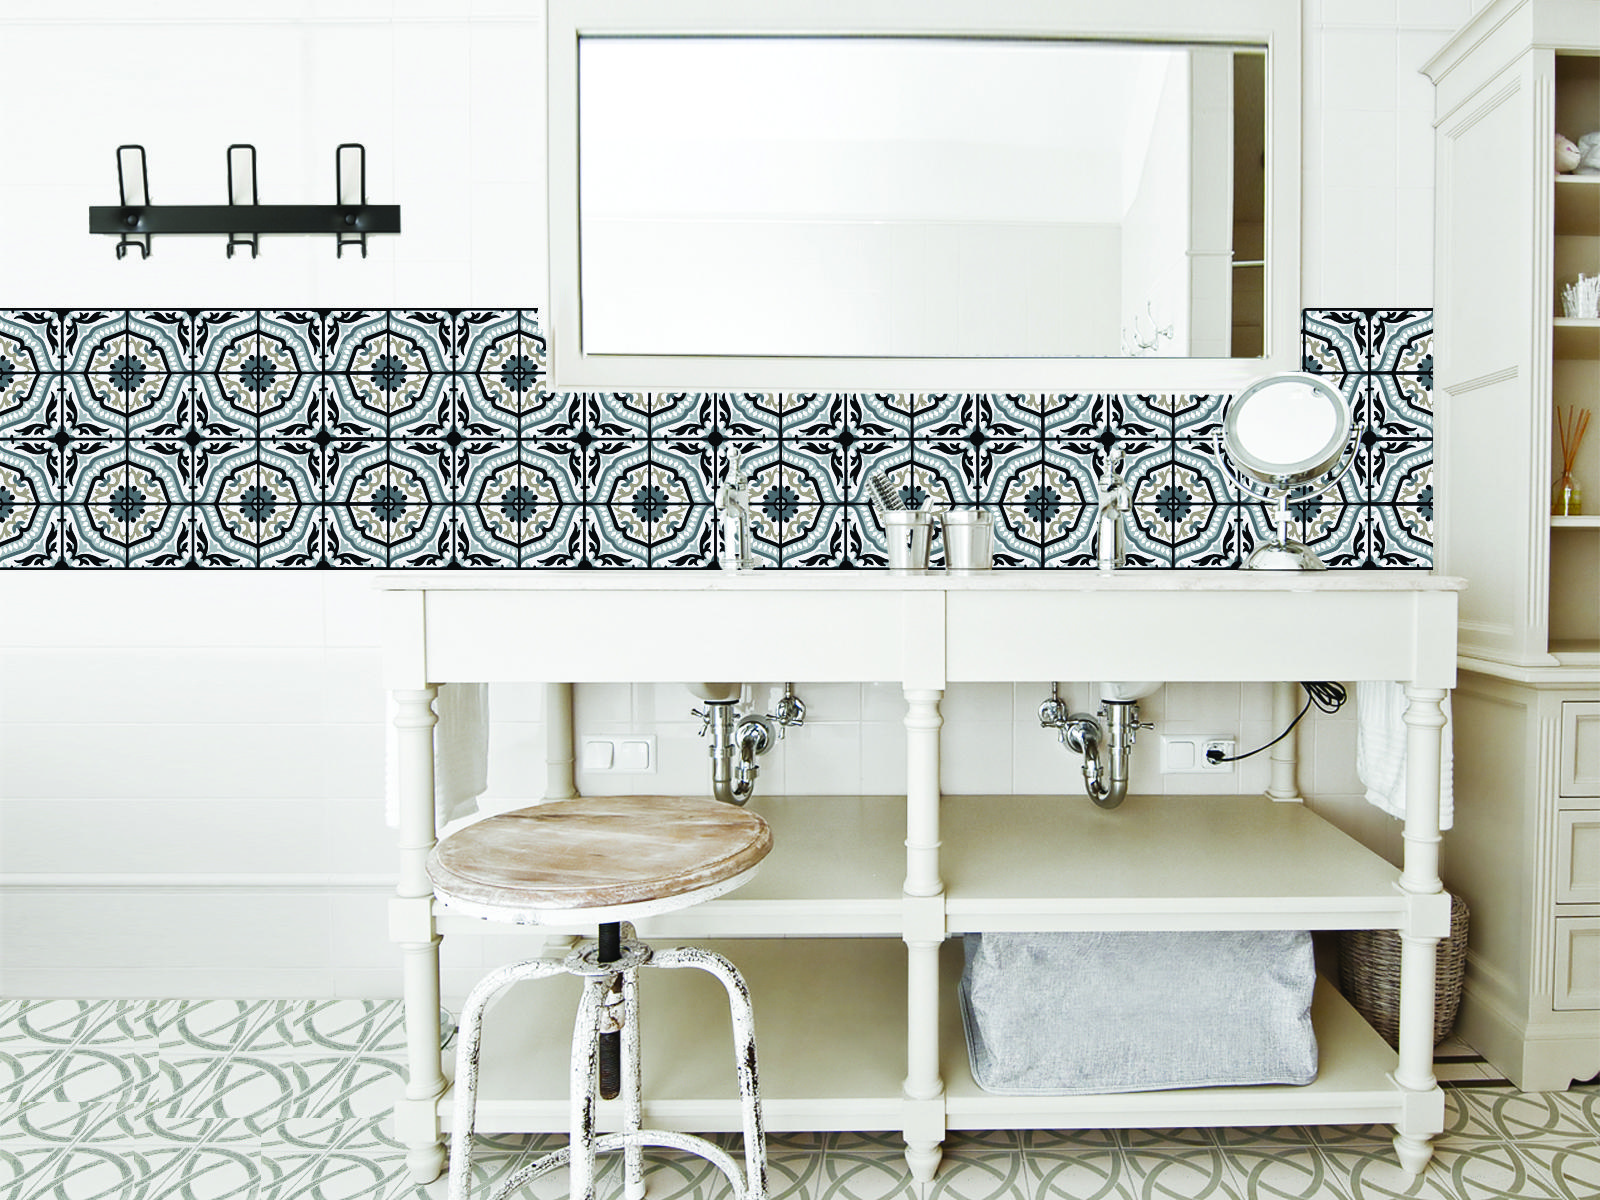 conseils d co en noir blanc pour une salle de bains plus graphique madame figaro. Black Bedroom Furniture Sets. Home Design Ideas